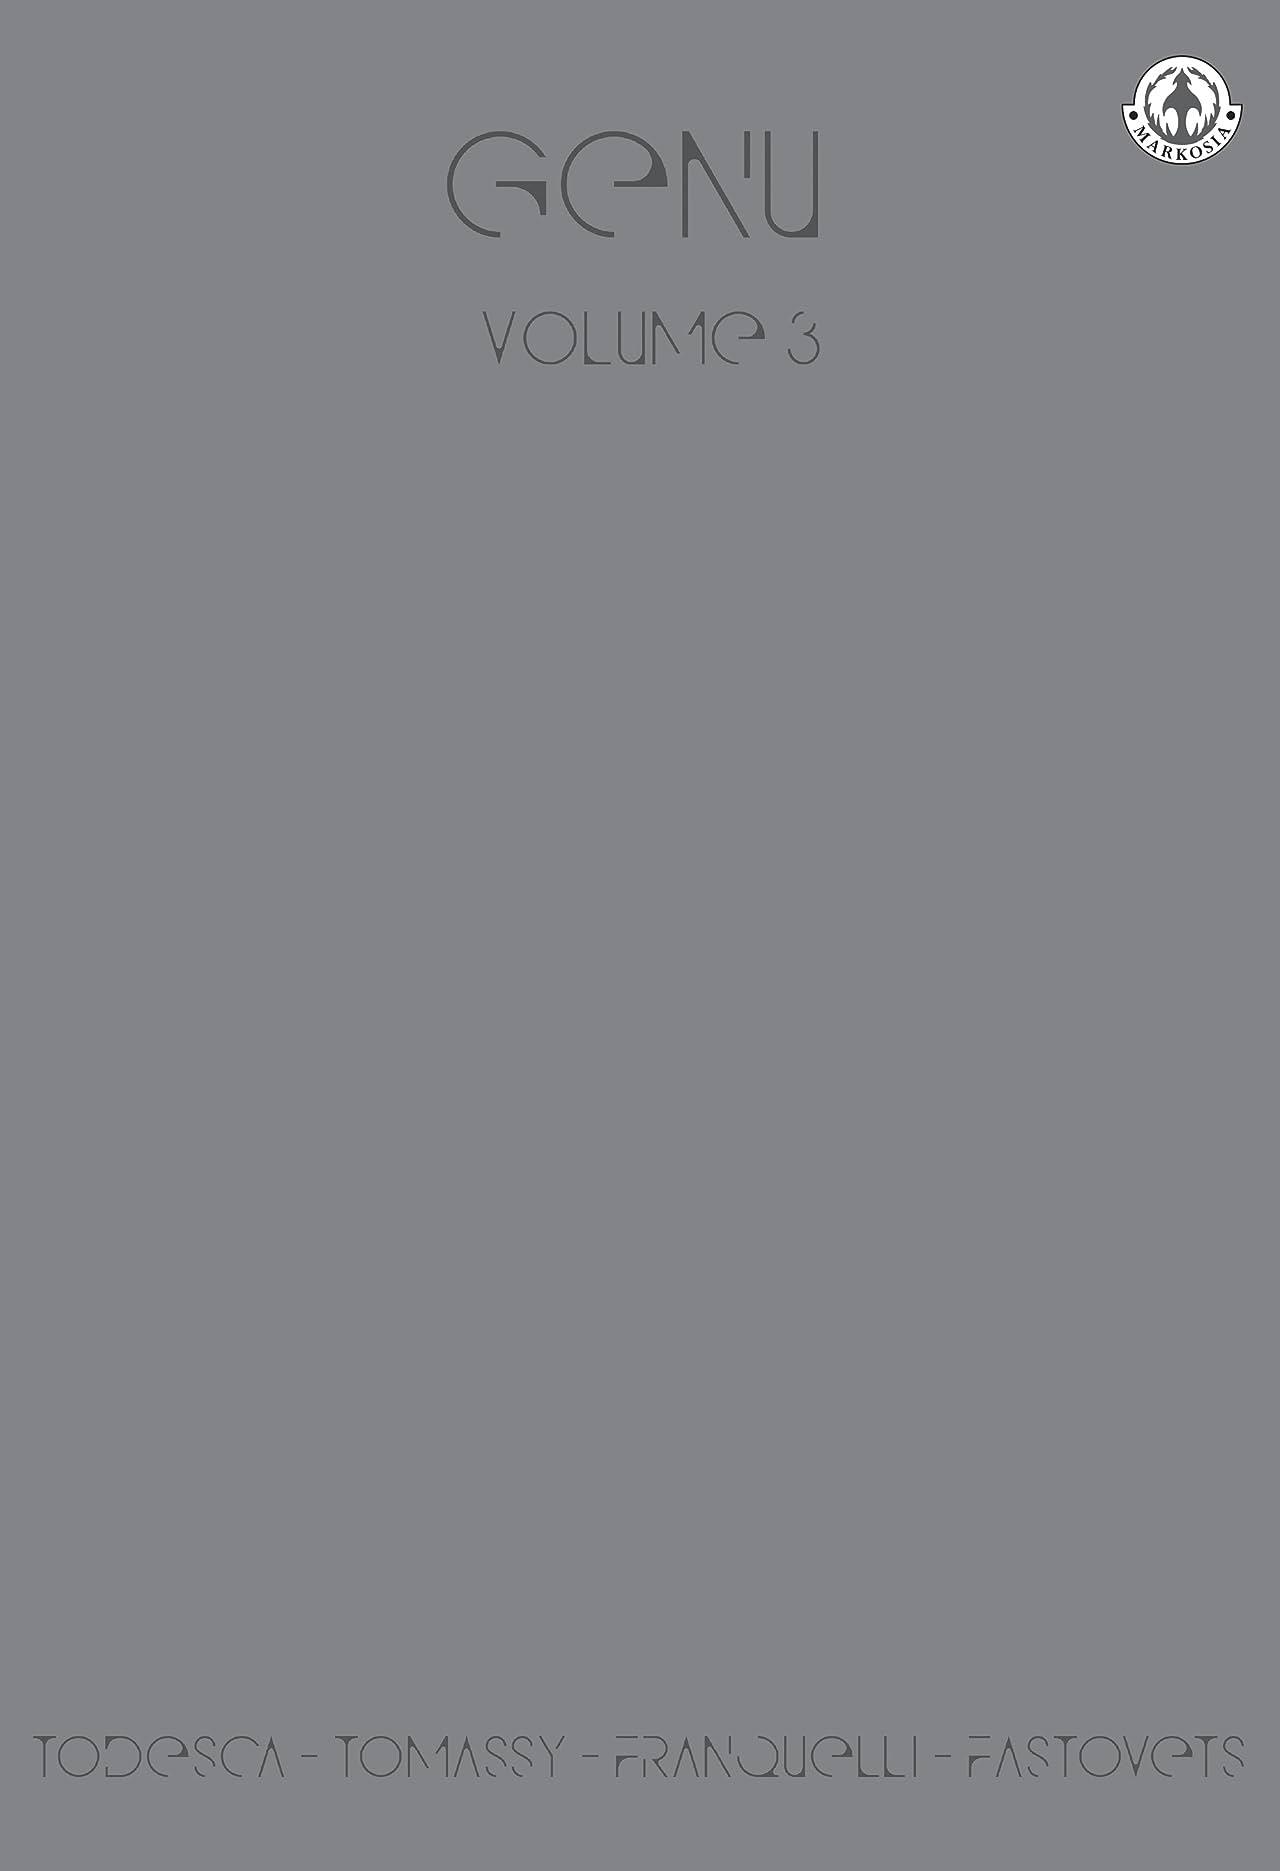 Genu Vol. 3